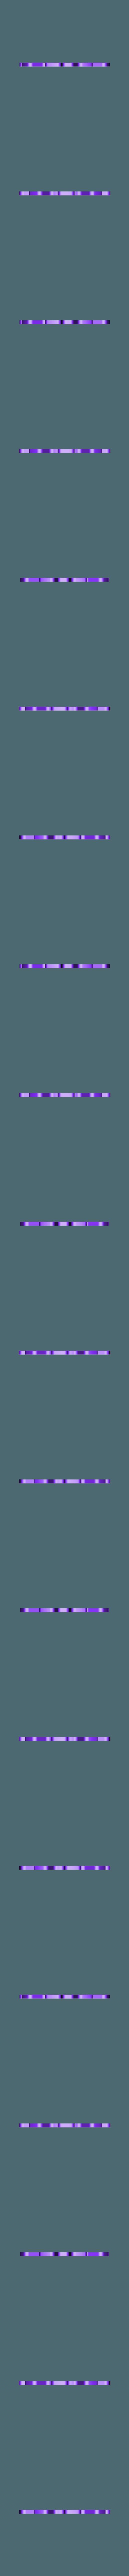 d4.STL Télécharger fichier STL gratuit Disque d'Euclide • Modèle pour imprimante 3D, seb2320